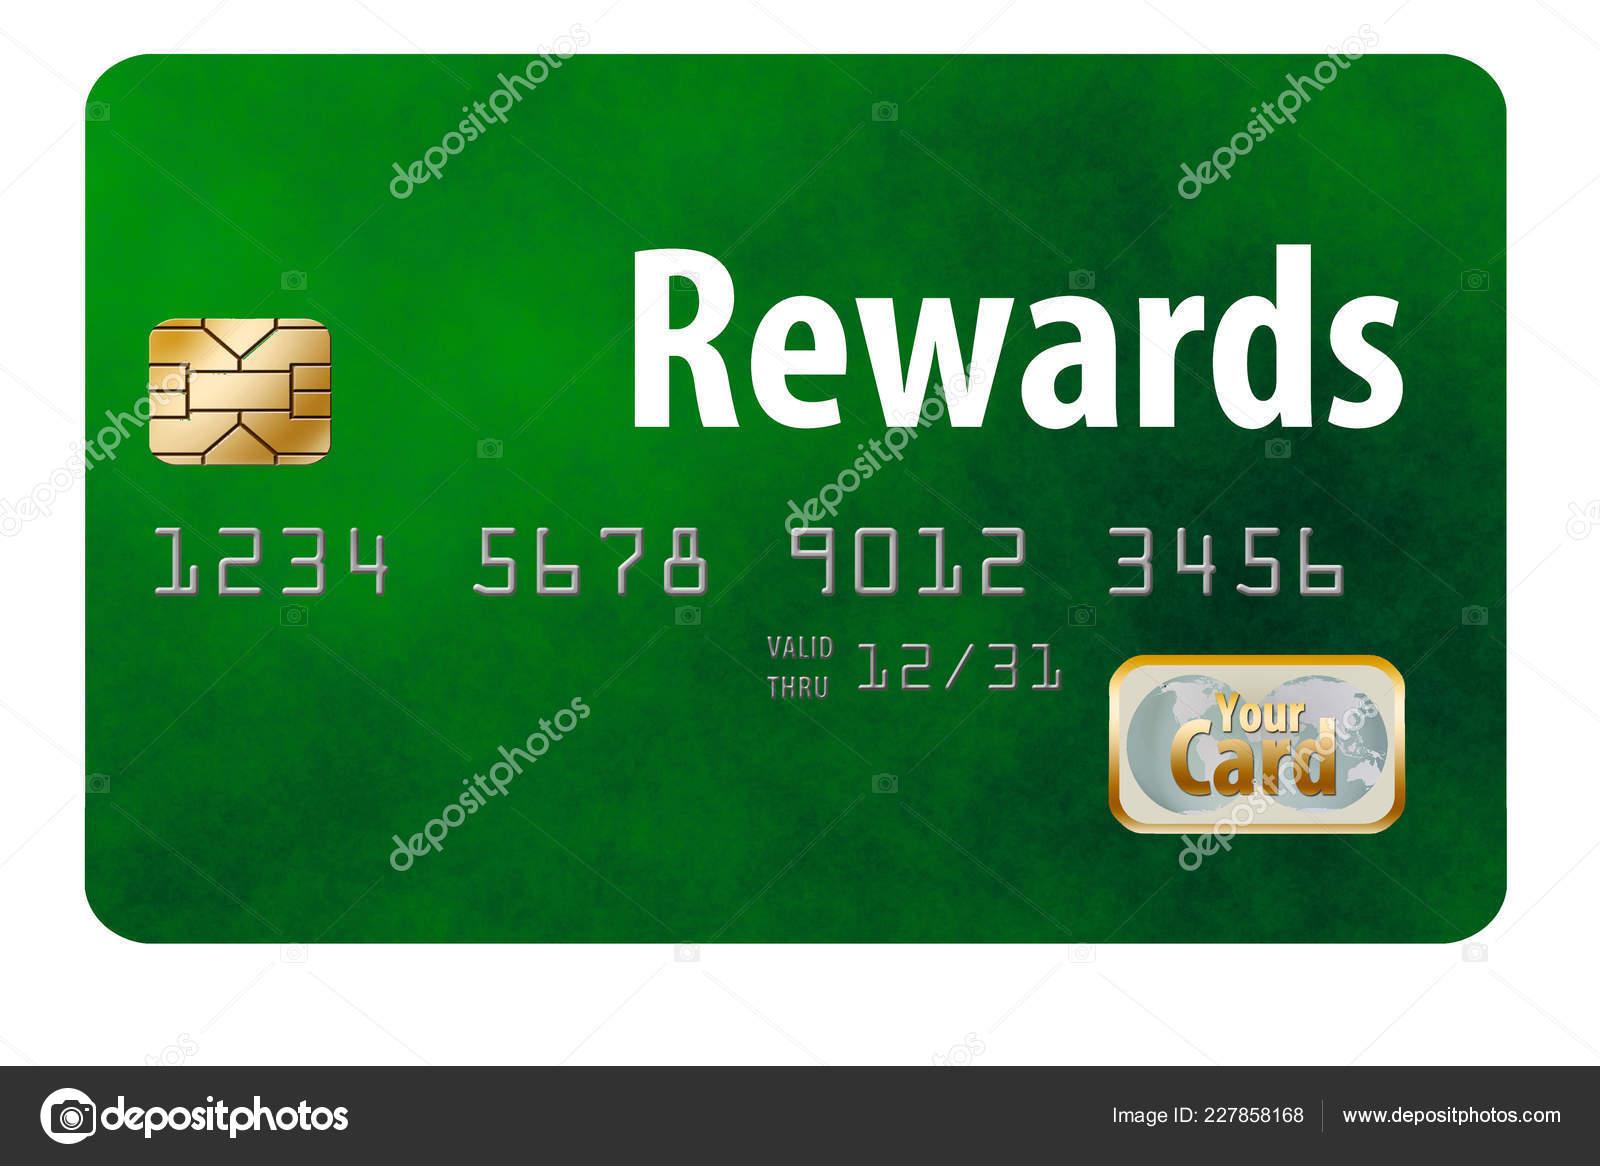 Займ на банковскую карту vzyat zaym su